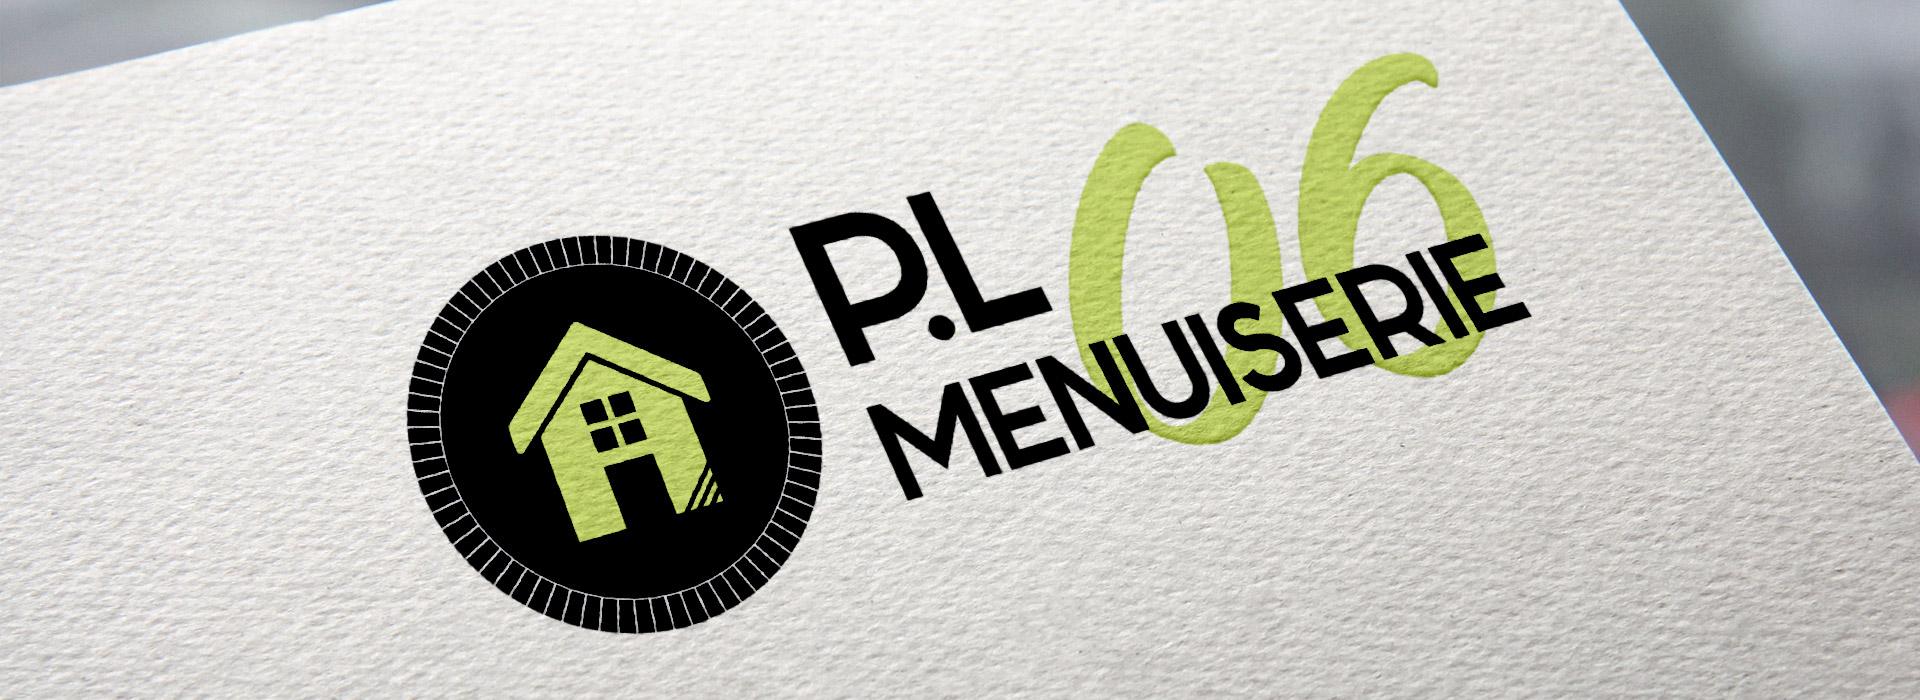 http://logo-identite-graphique-pl-menuiserie-web